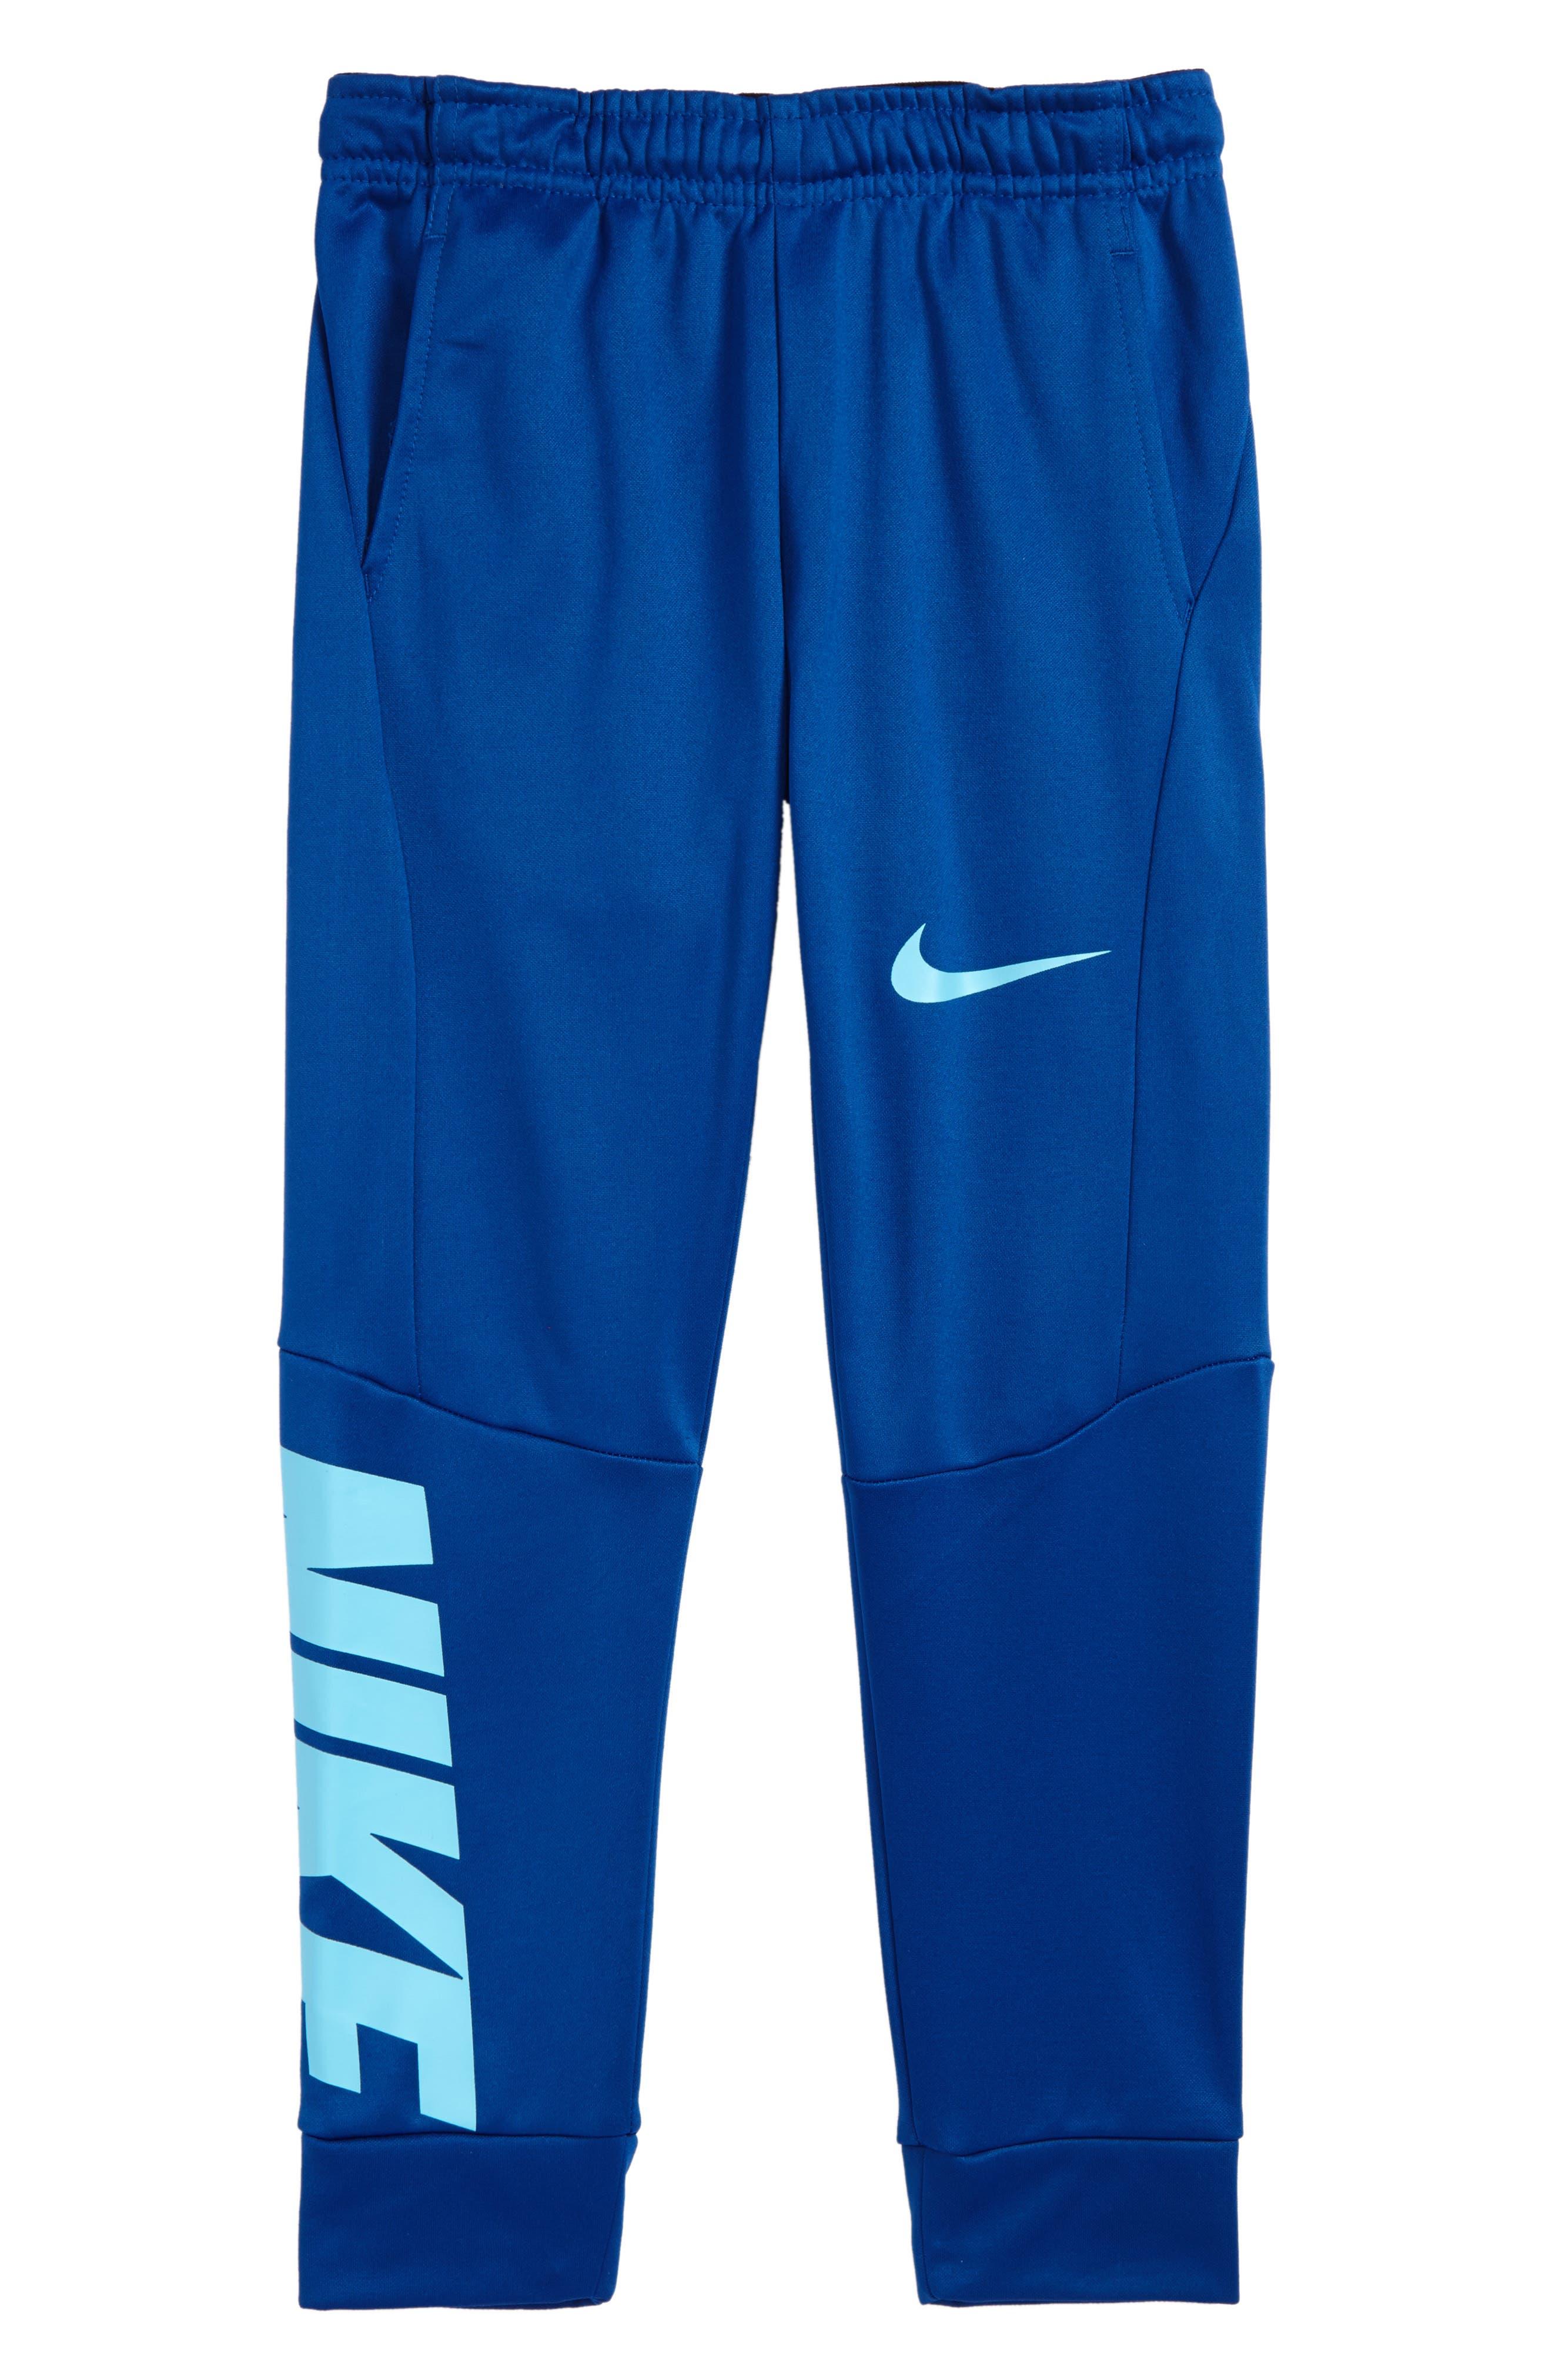 Therma-FIT GFX Fleece Jogger Pants,                             Main thumbnail 1, color,                             Gym Blue